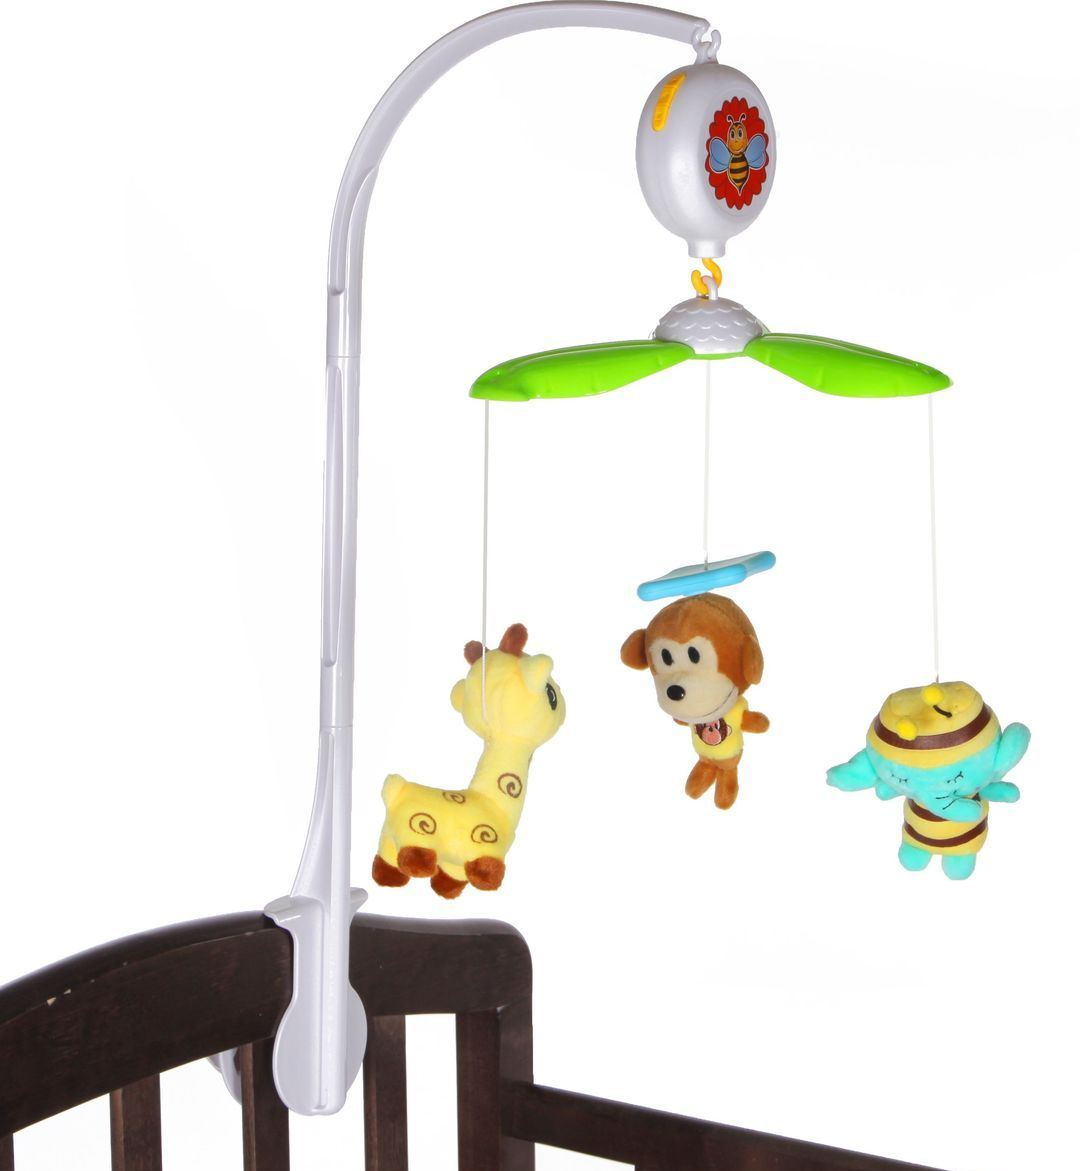 Мобиль на кроватку с мягкими игрушкамиМобили и музыкальные карусели на кроватку, игрушки для сна<br>Мобиль на кроватку с мягкими игрушками<br>